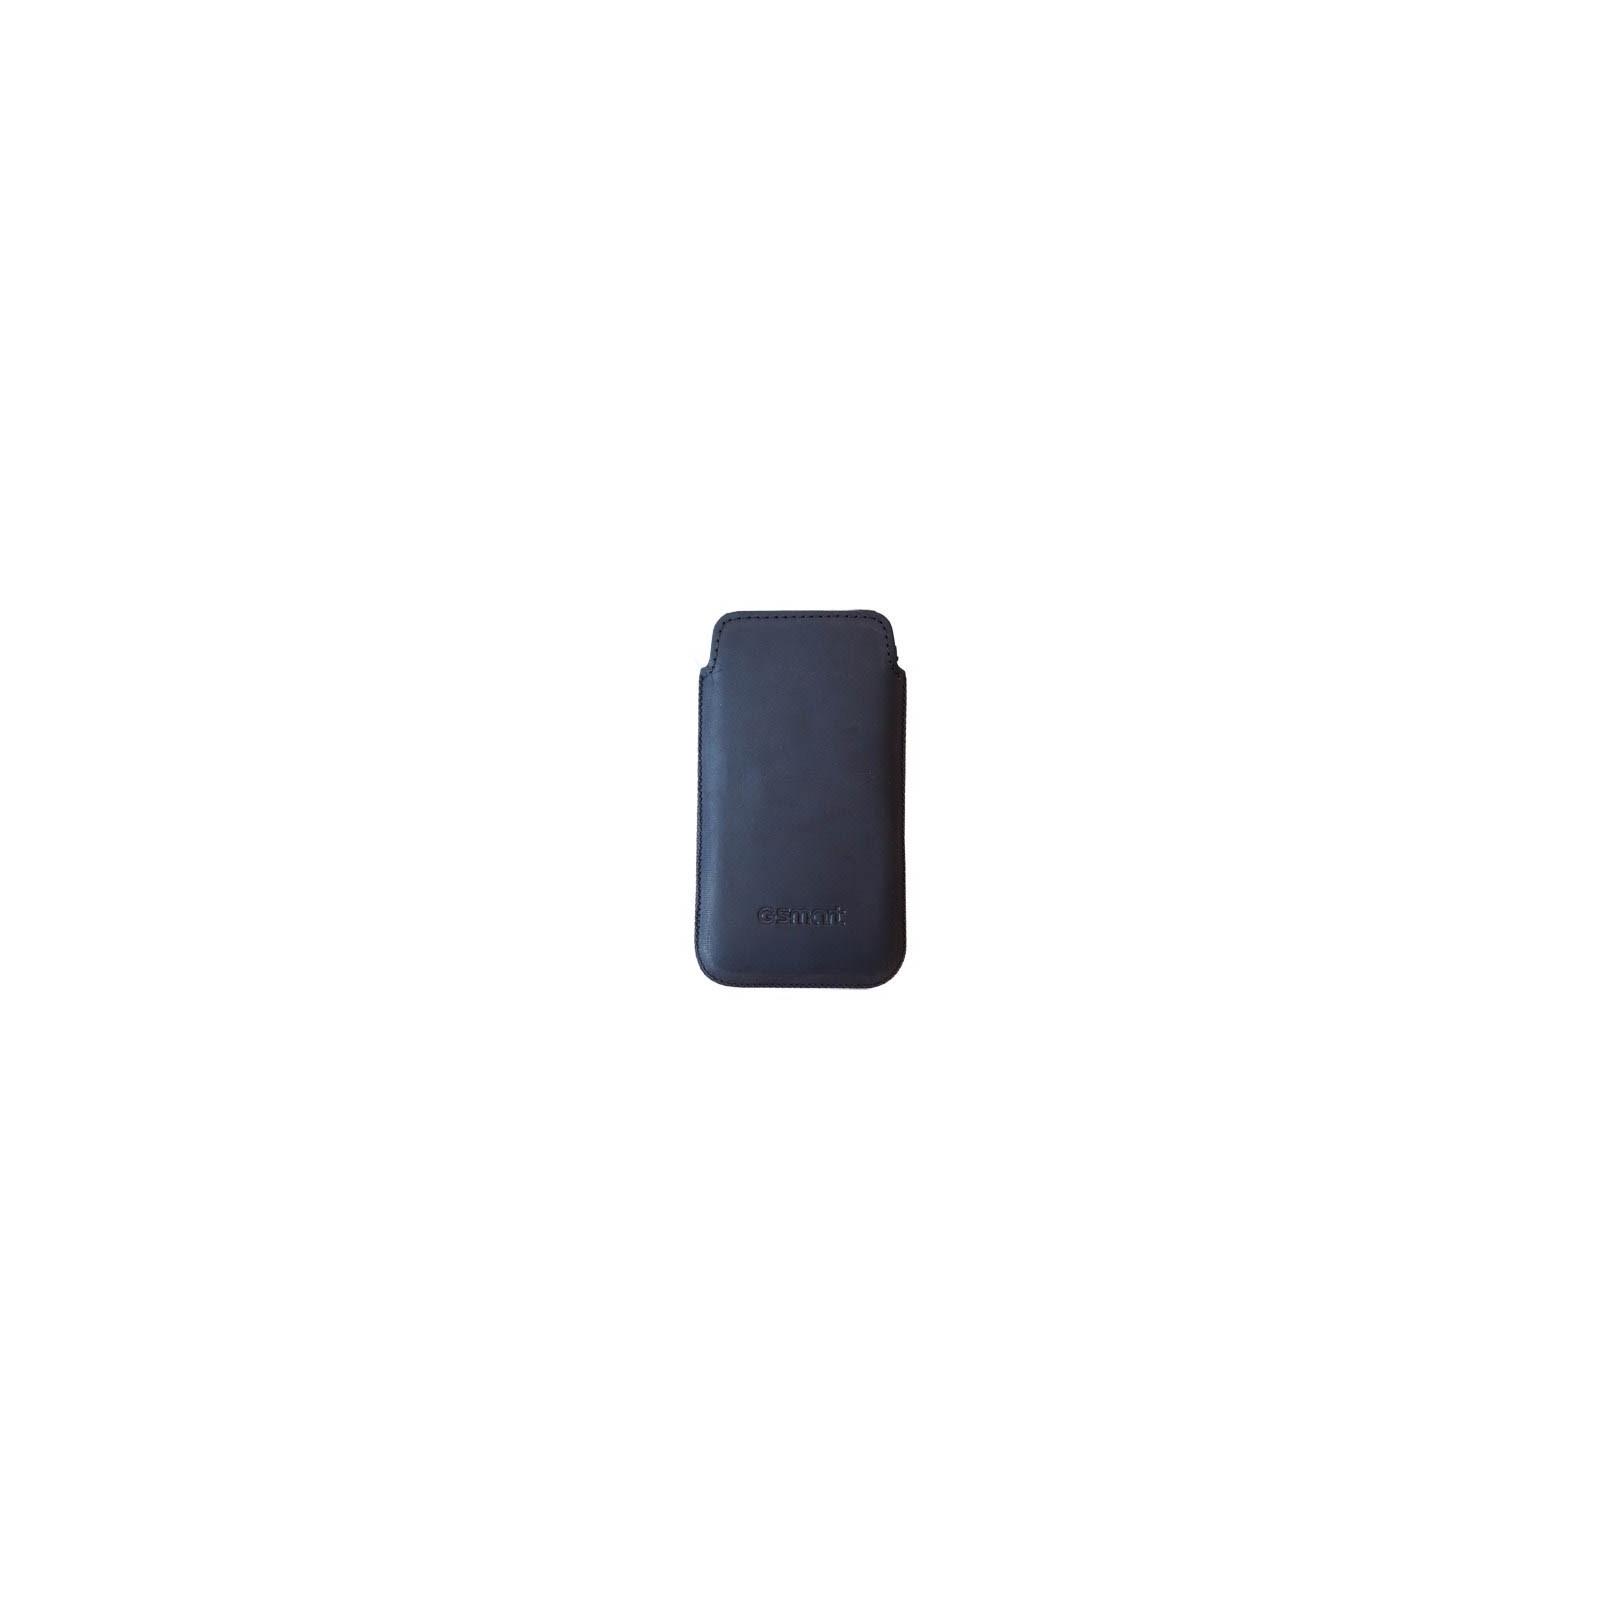 Чехол для моб. телефона GIGABYTE 1T-R1-35